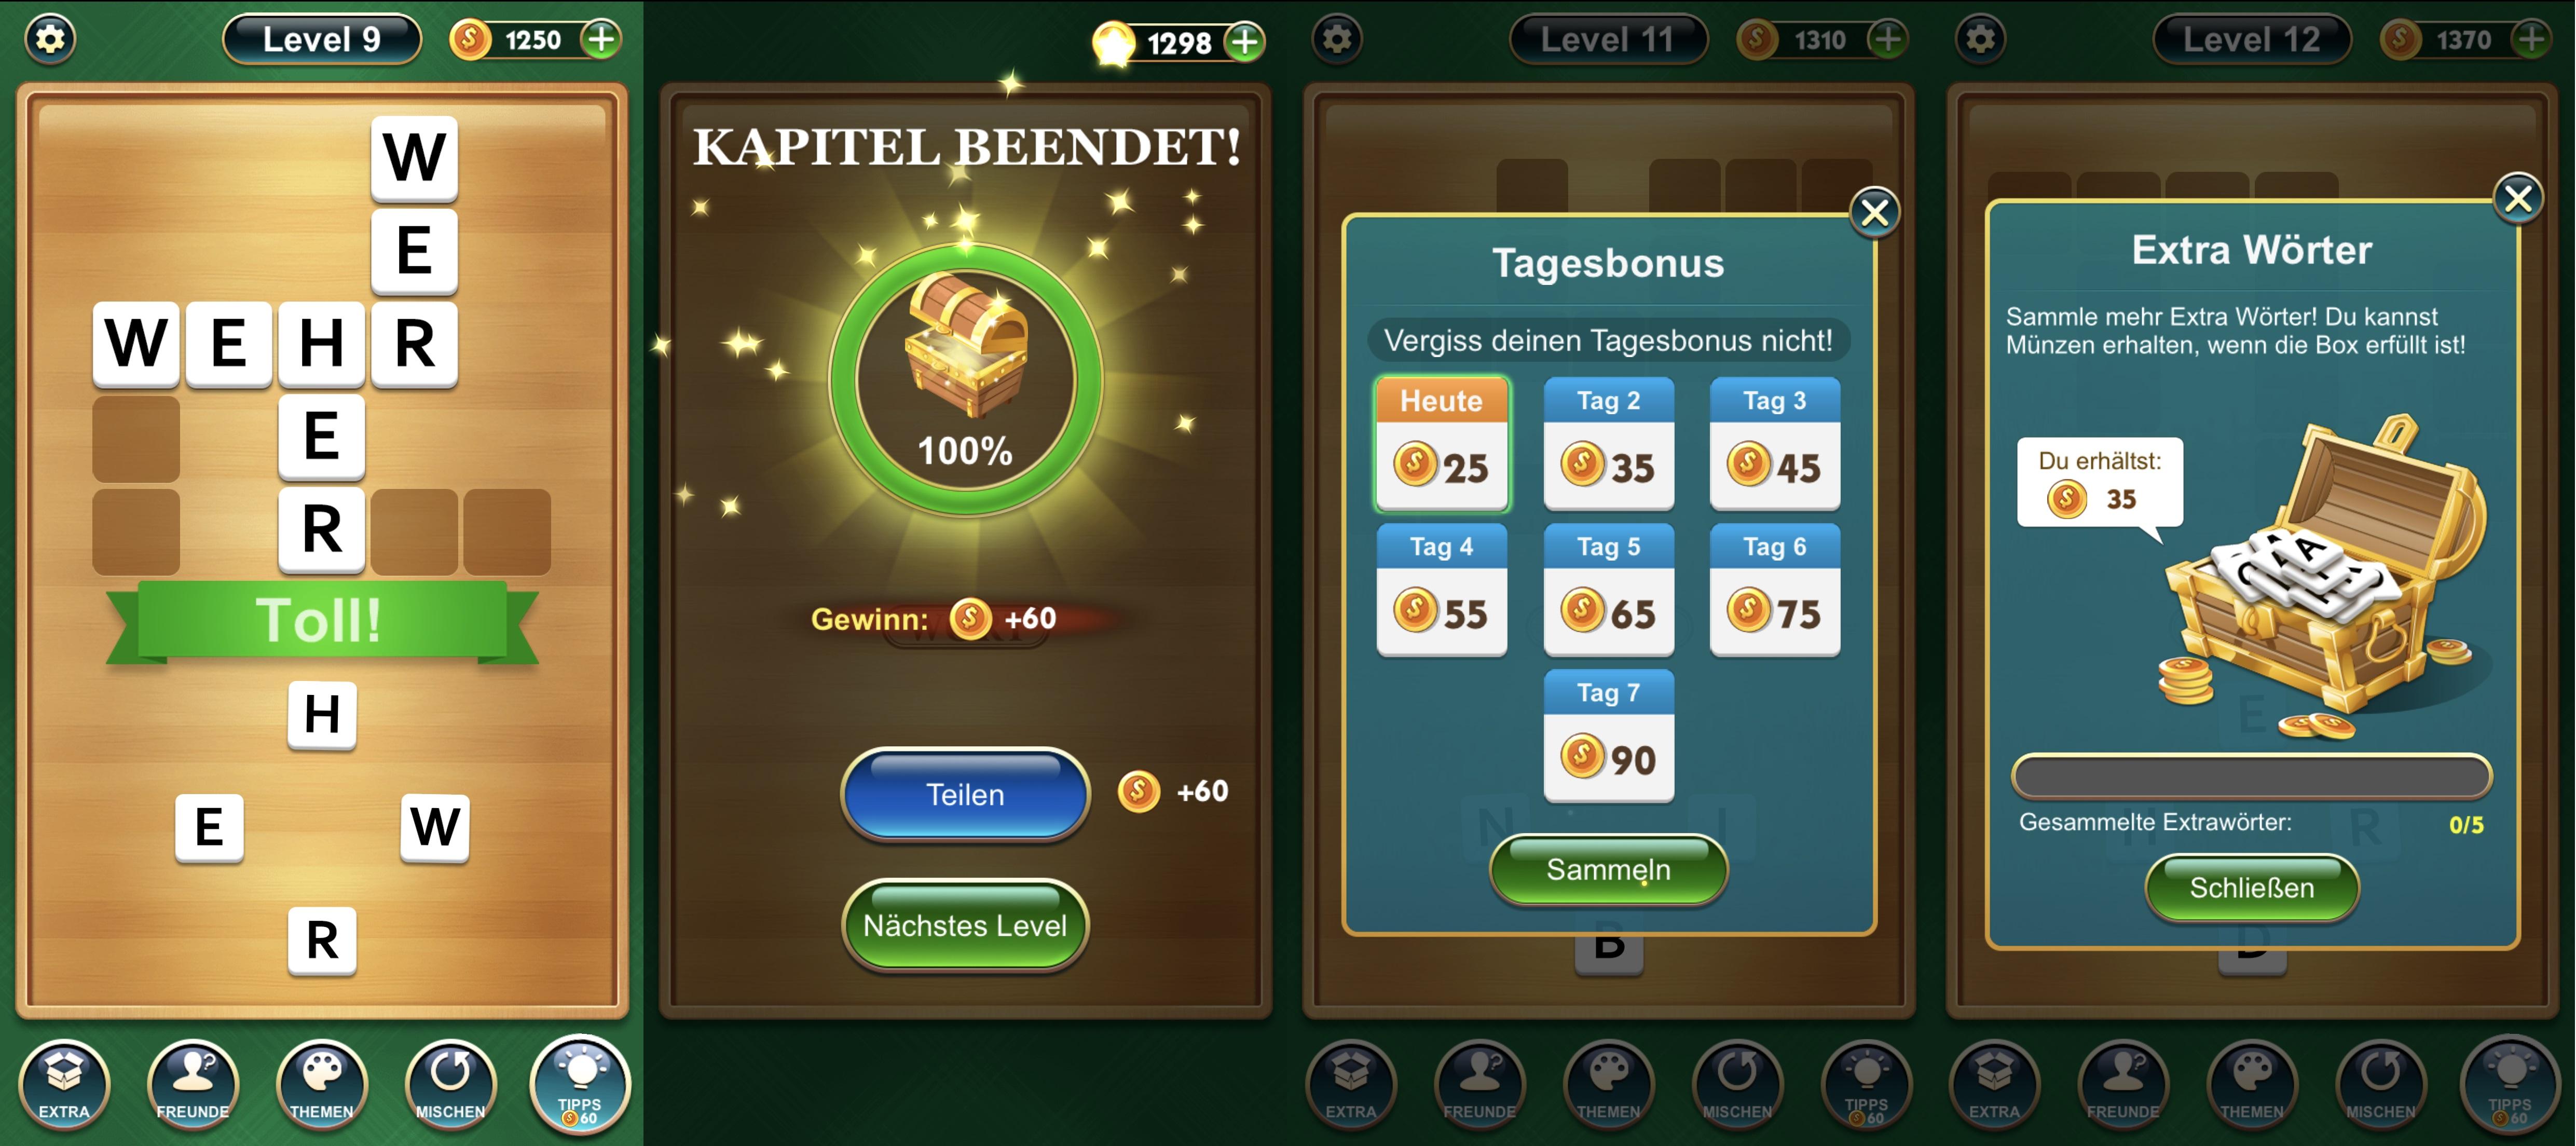 4bilder1wort Lösungen App